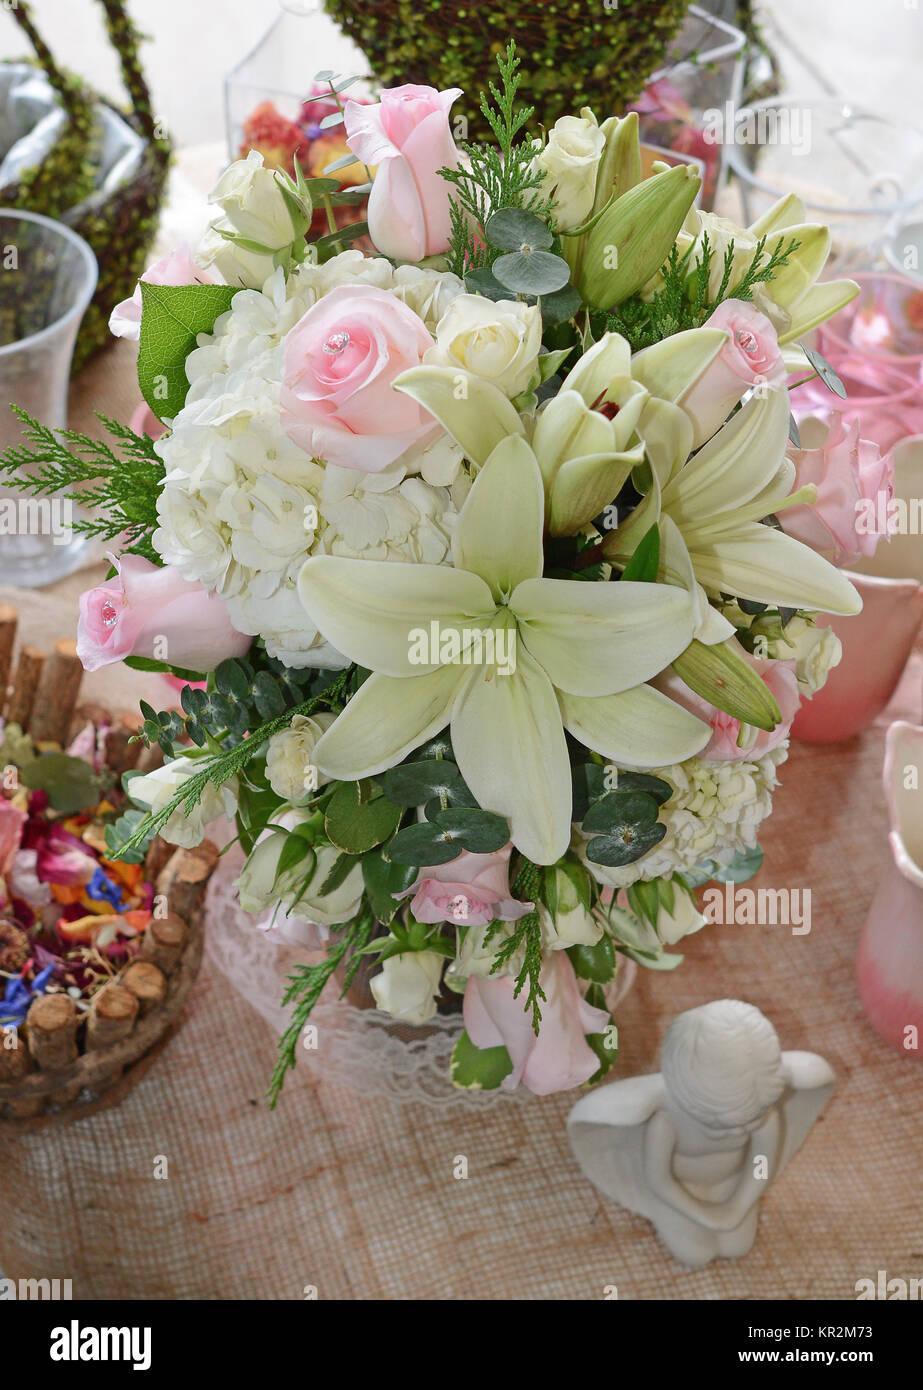 Foto Von Einem Romantischen Brautstrauss Mit Diamant Erstklassige